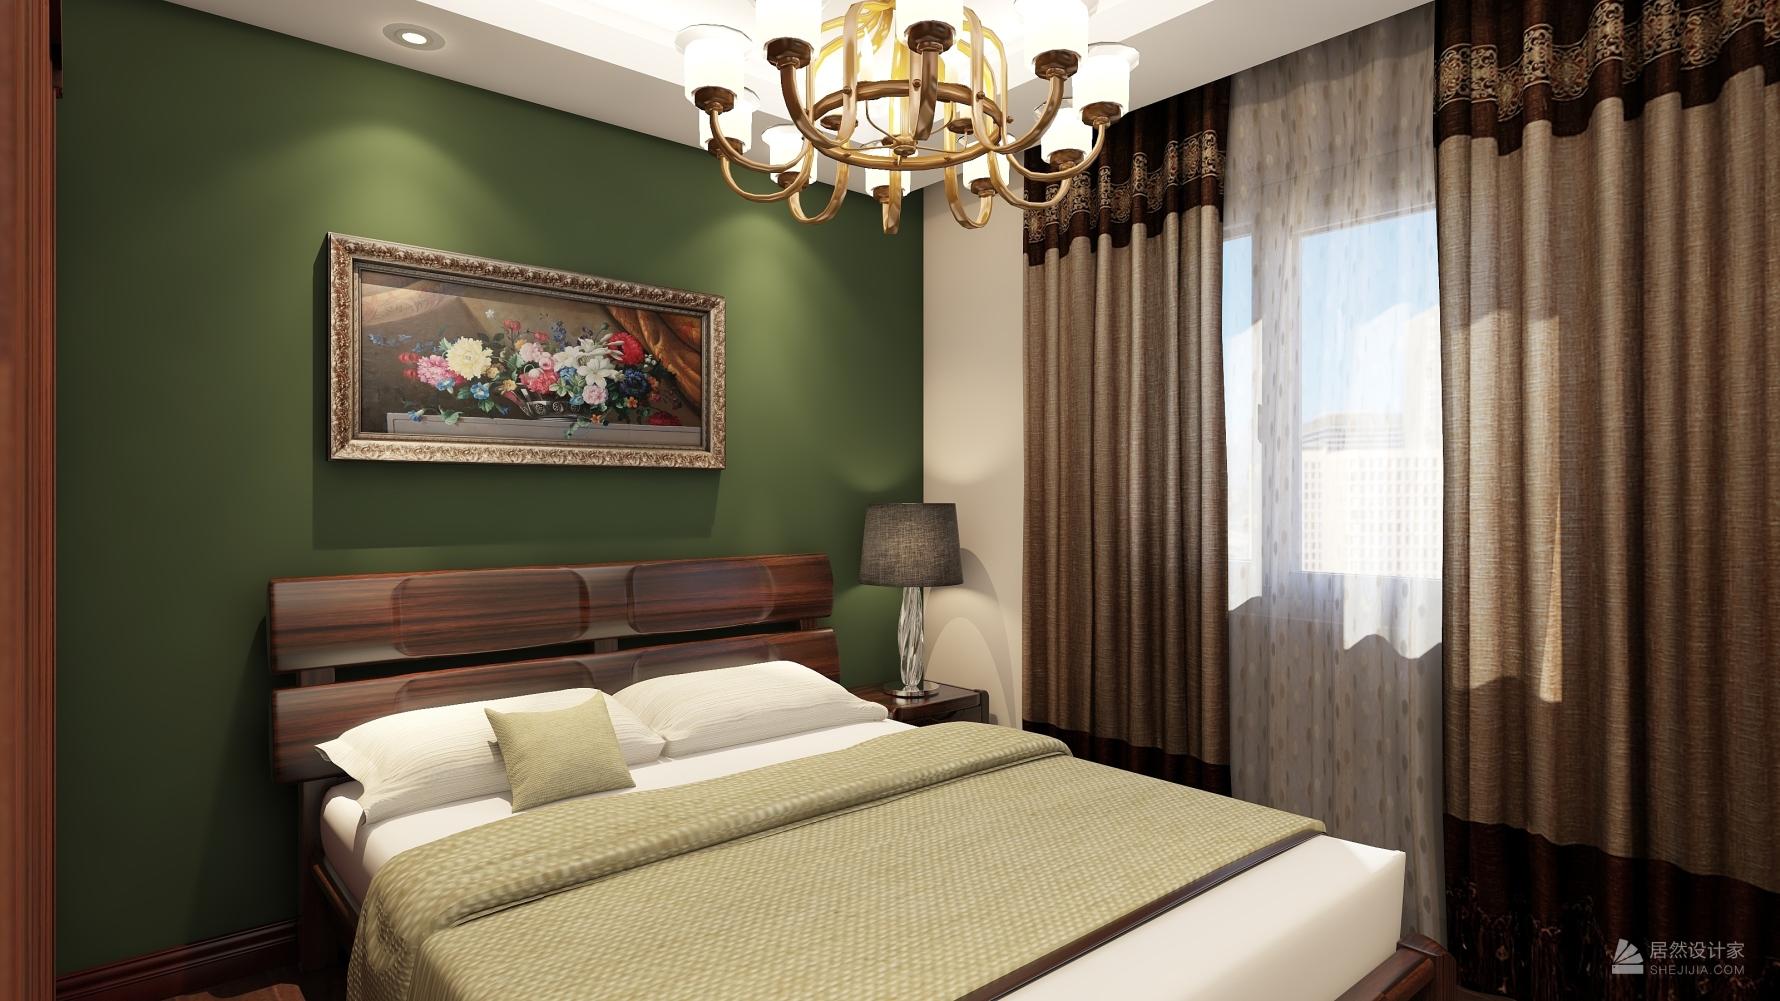 东南亚风格两室一厅装修设计图